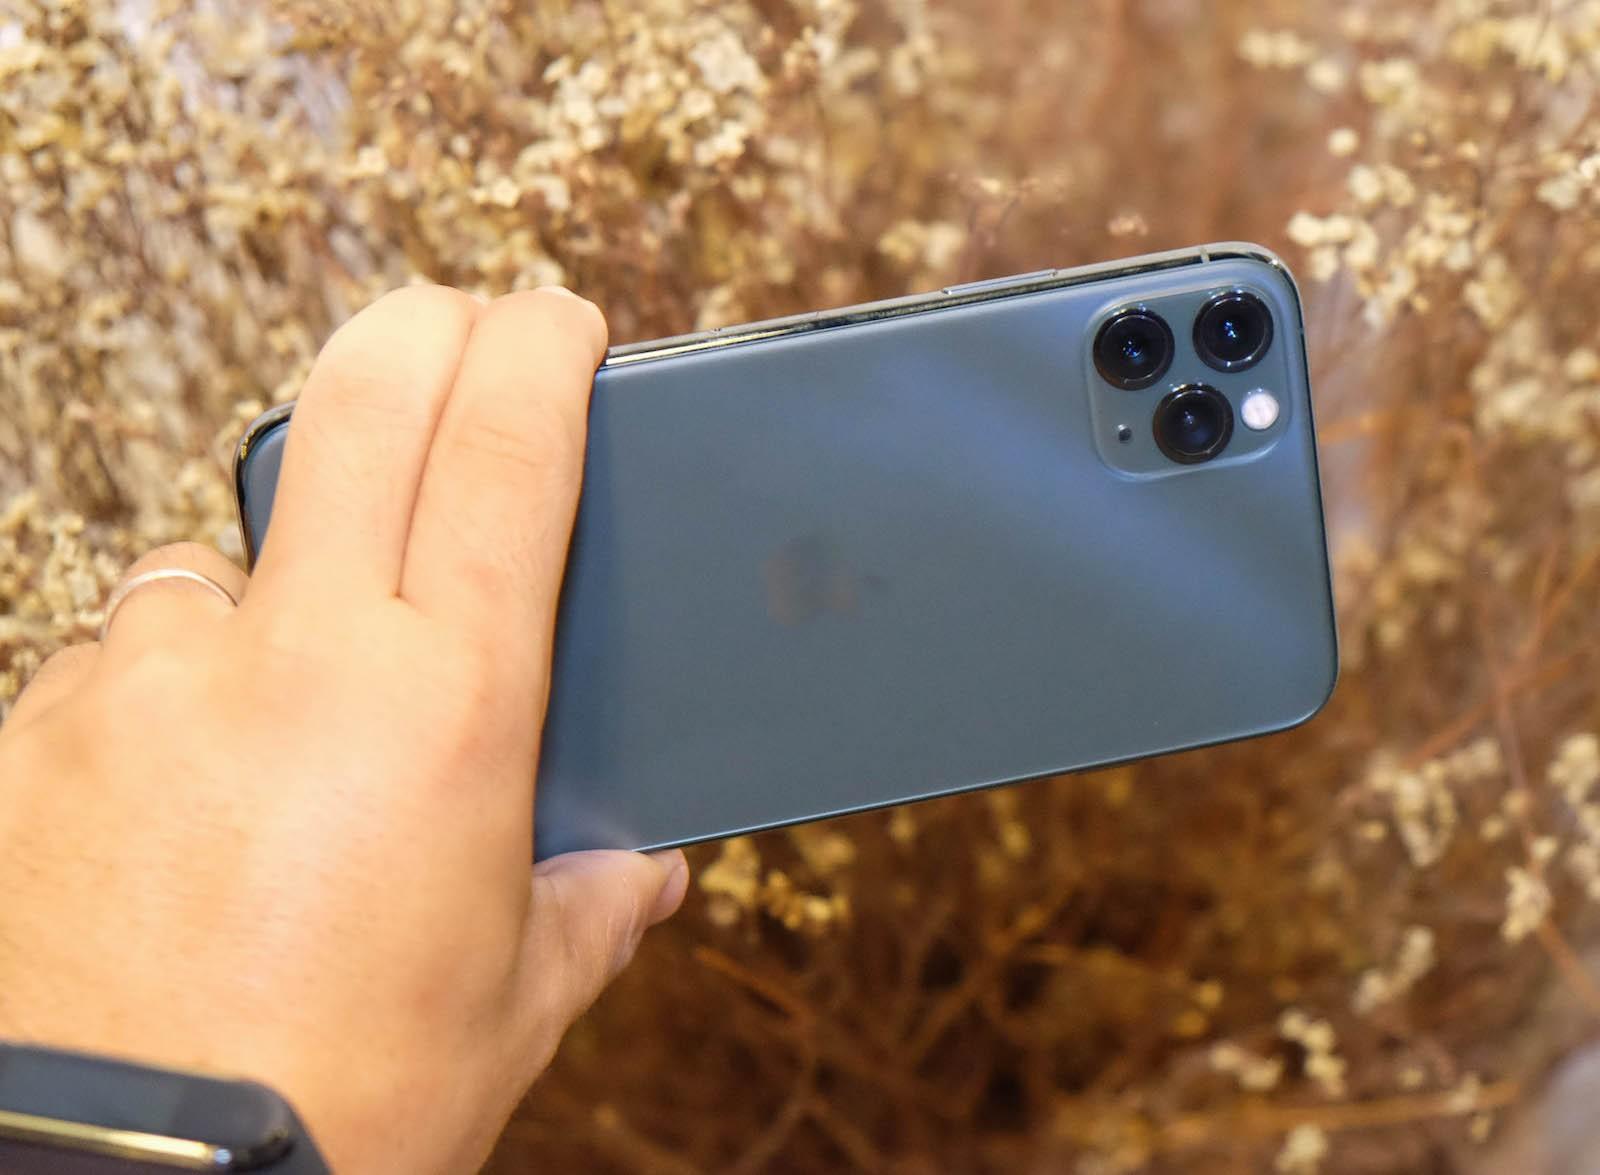 Chiêm ngưỡng bộ sưu tập từ iPhone 1 đến iPhone 11 Pro Max Ảnh 3